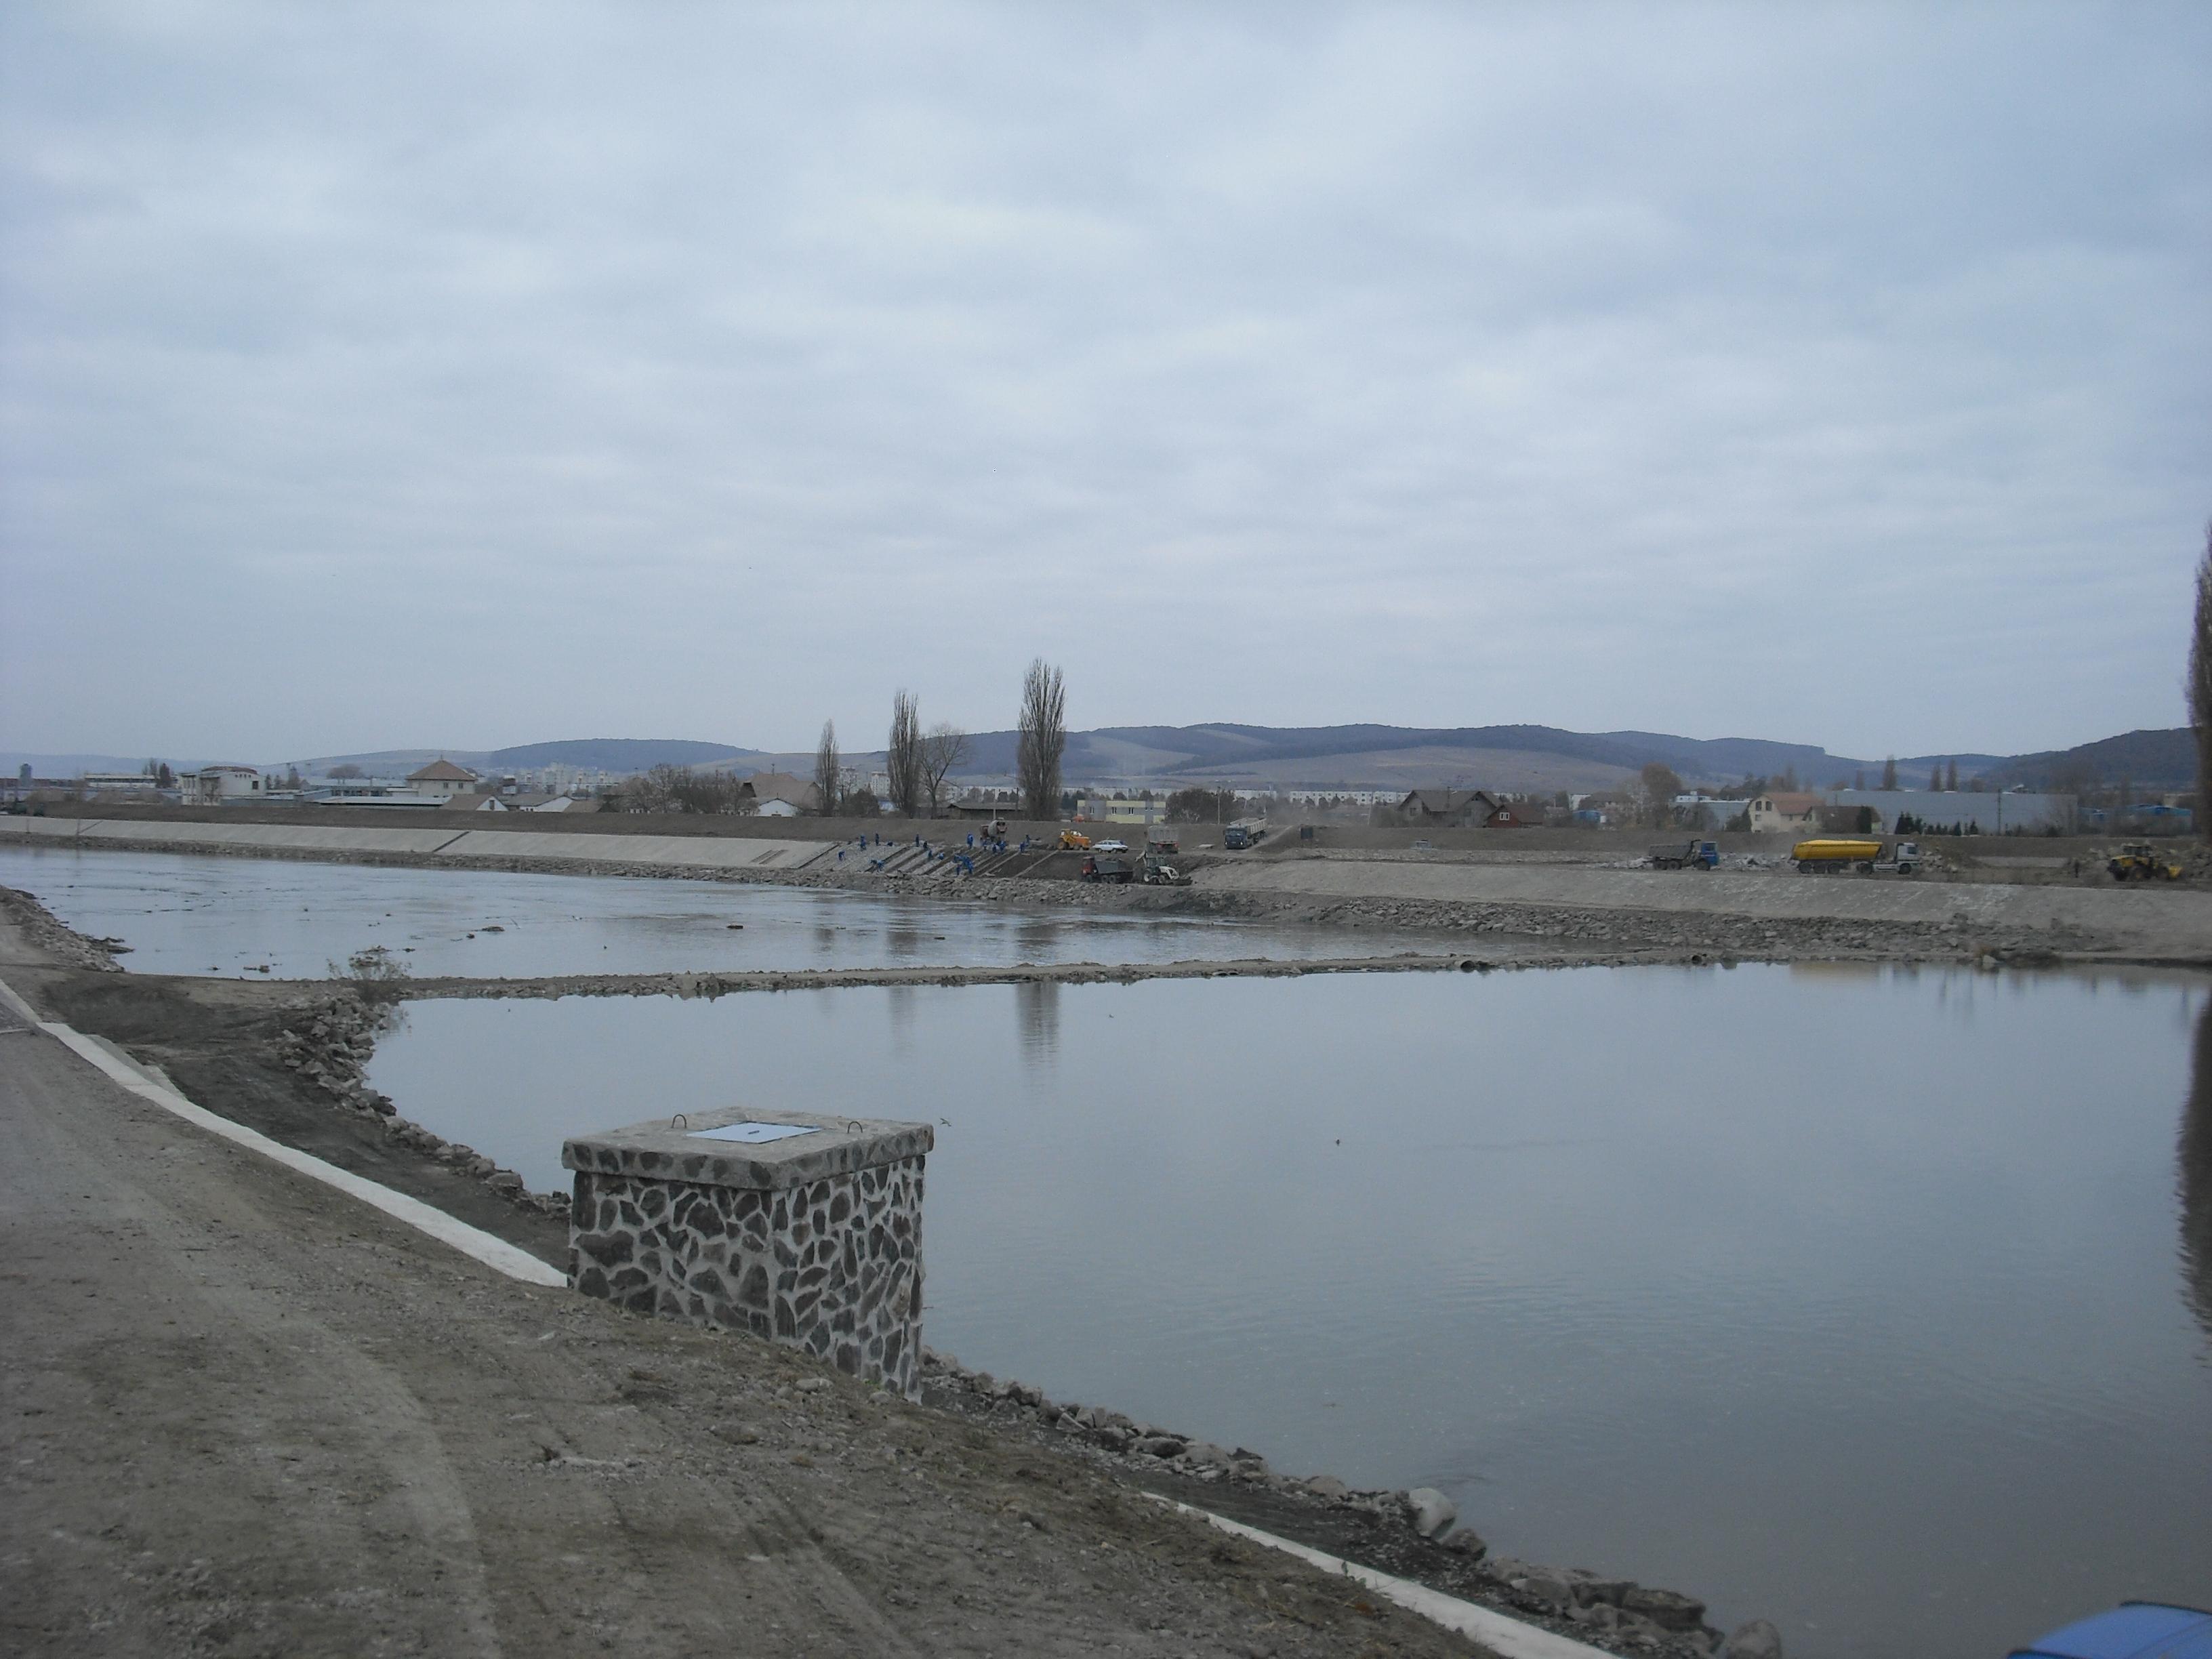 Lucrările de consolidare a digului de pe râul Mureş se apropie de finalizare, au anunţat astăzi ministrul Mediului Borbely Laszlo şi reprezentanţii Administraţiei Bazinale Mureş.